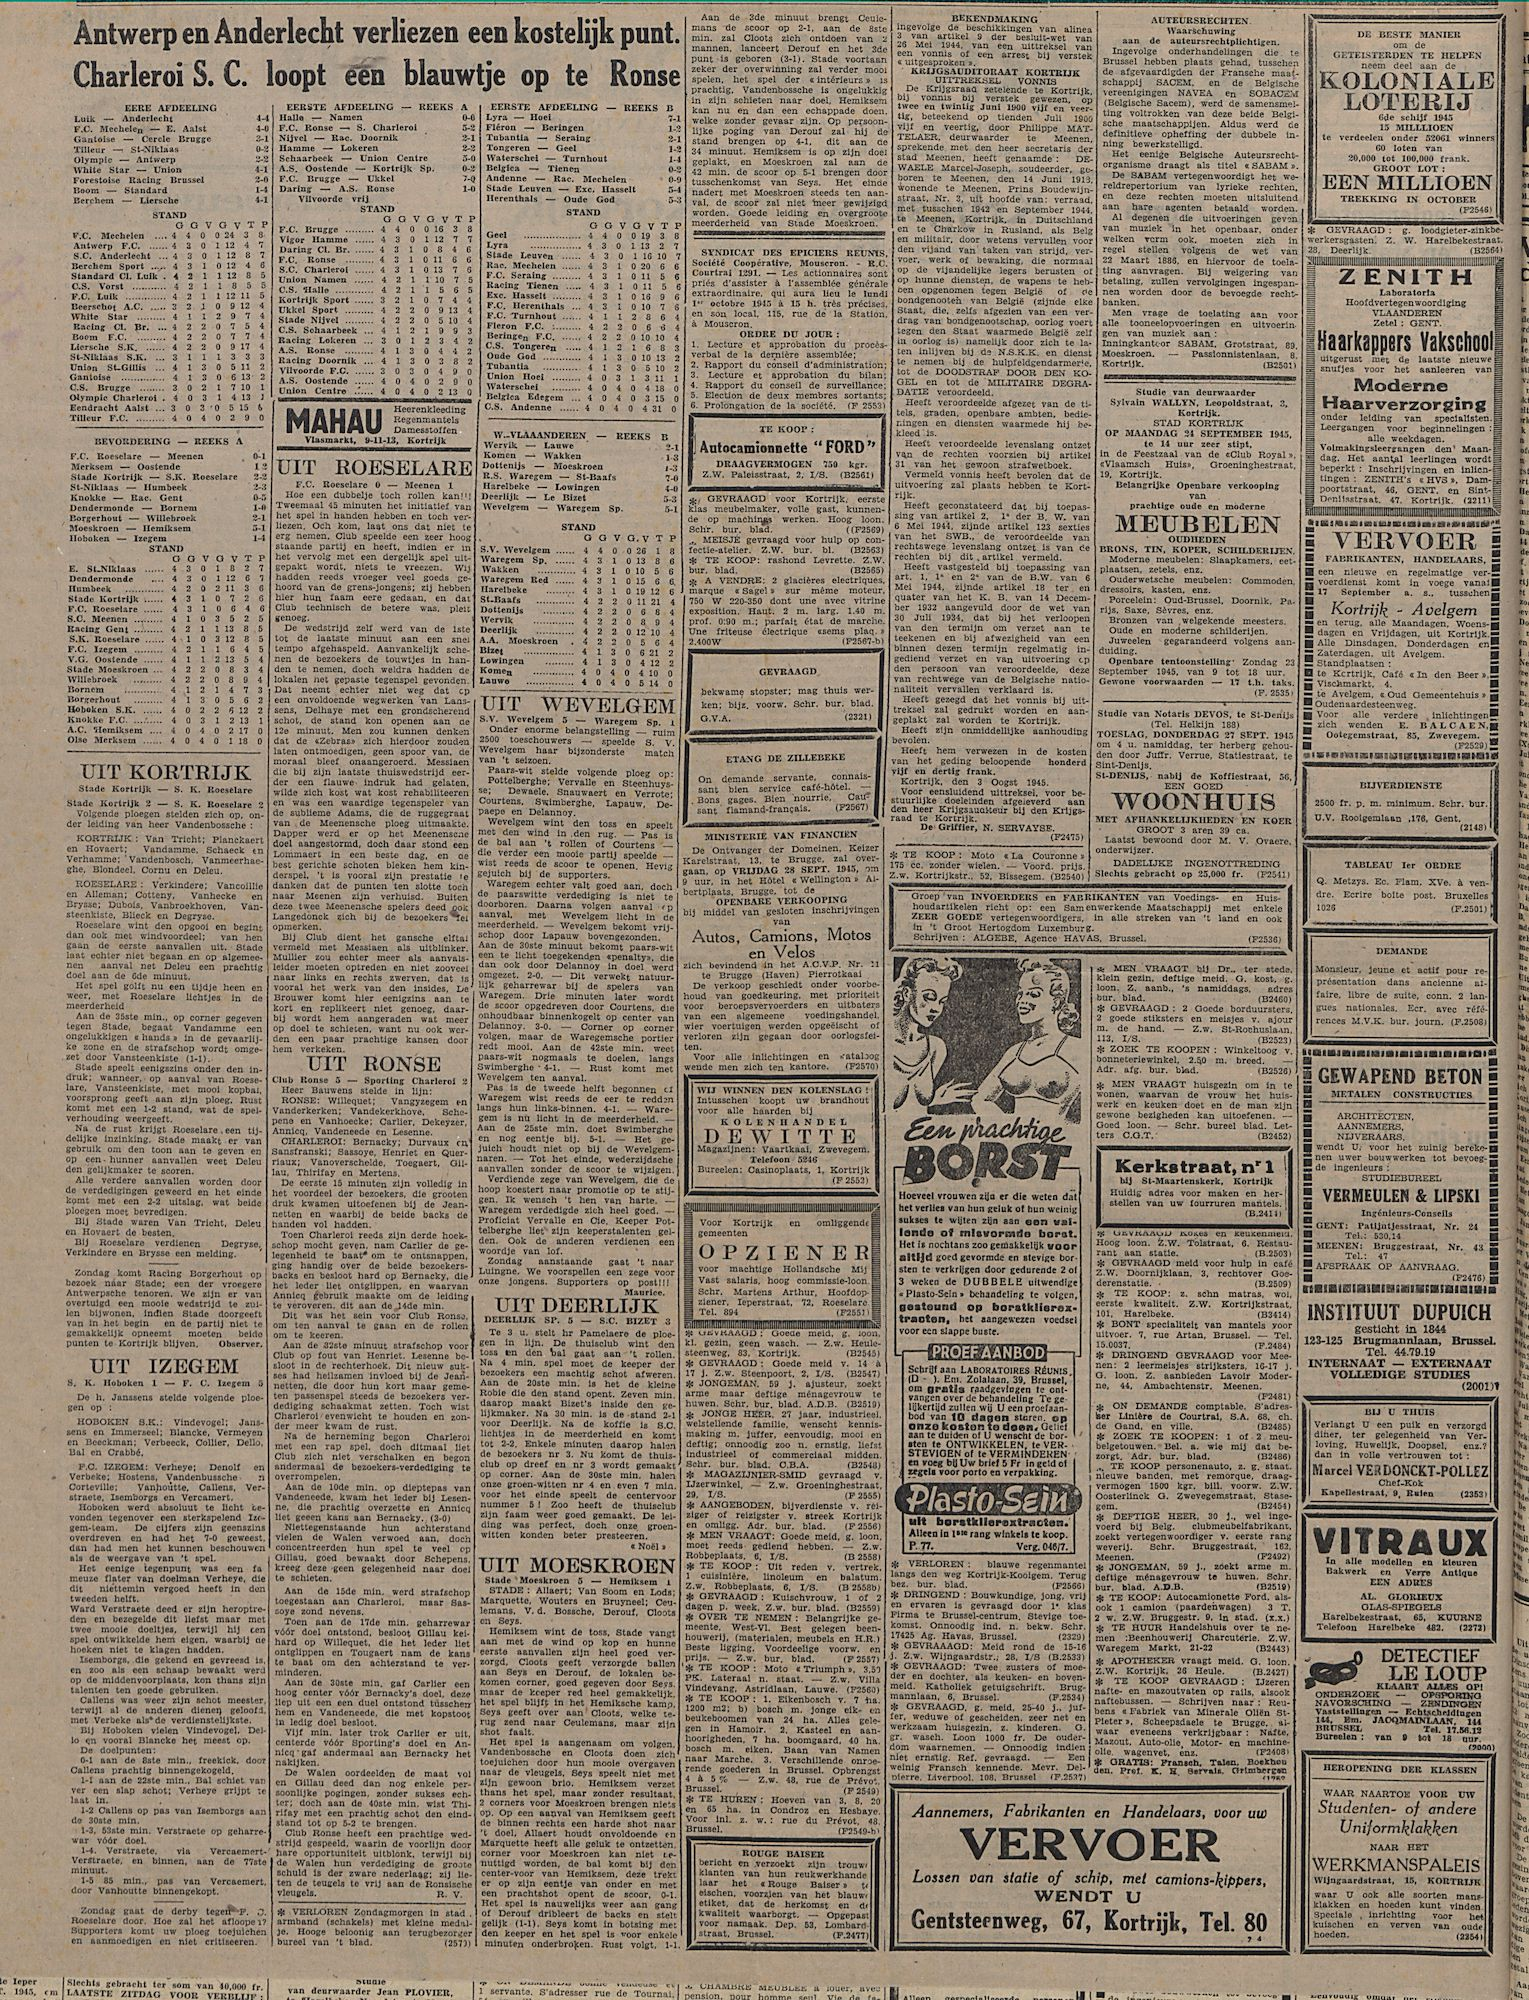 Kortrijksch Handelsblad 19 september 1945 Nr75 p2